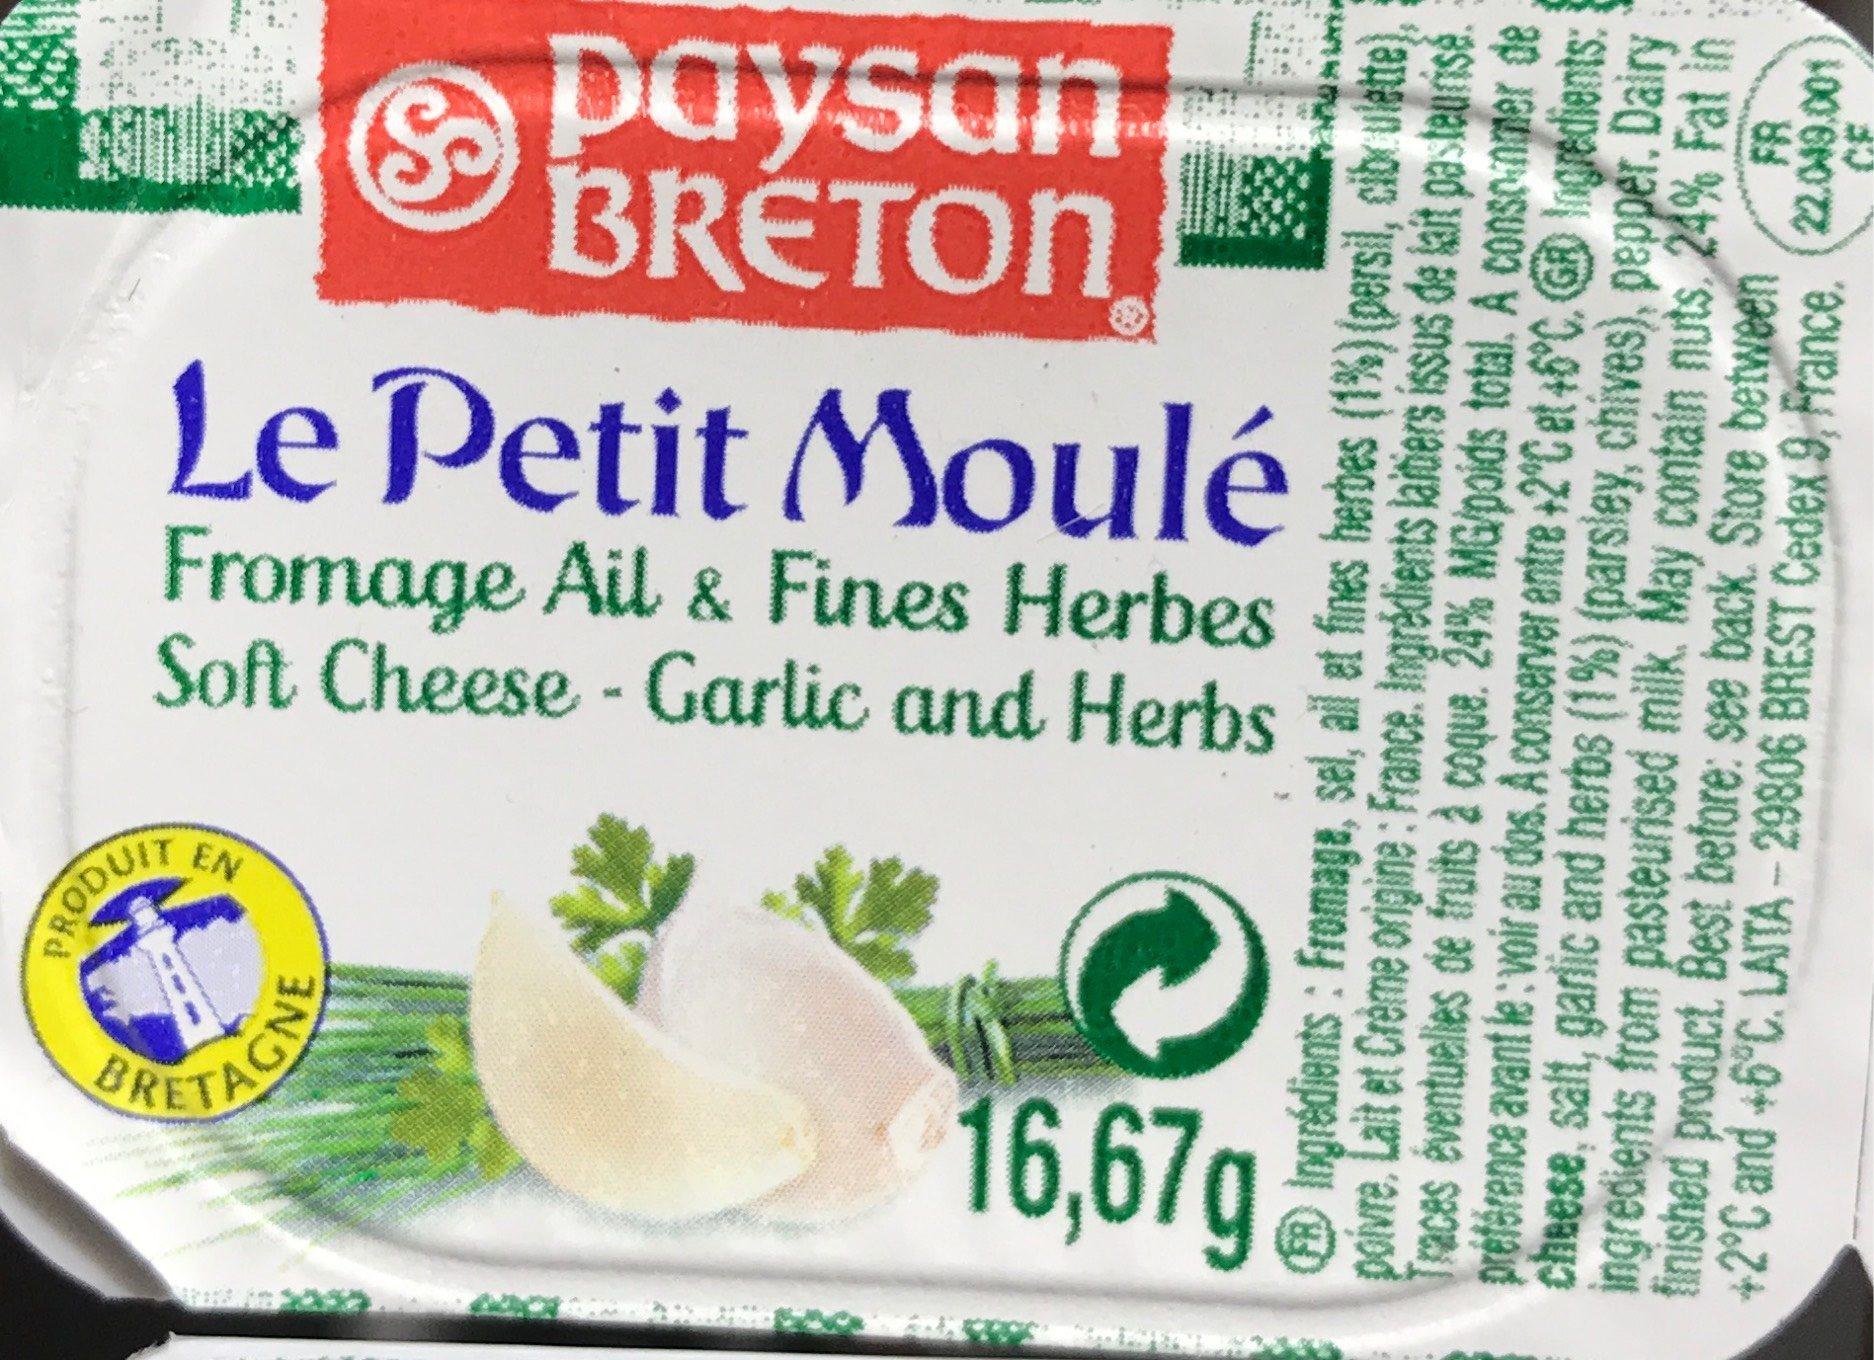 Le Petit Moulé Fromage Ail & Fines Herbes - Informations nutritionnelles - fr